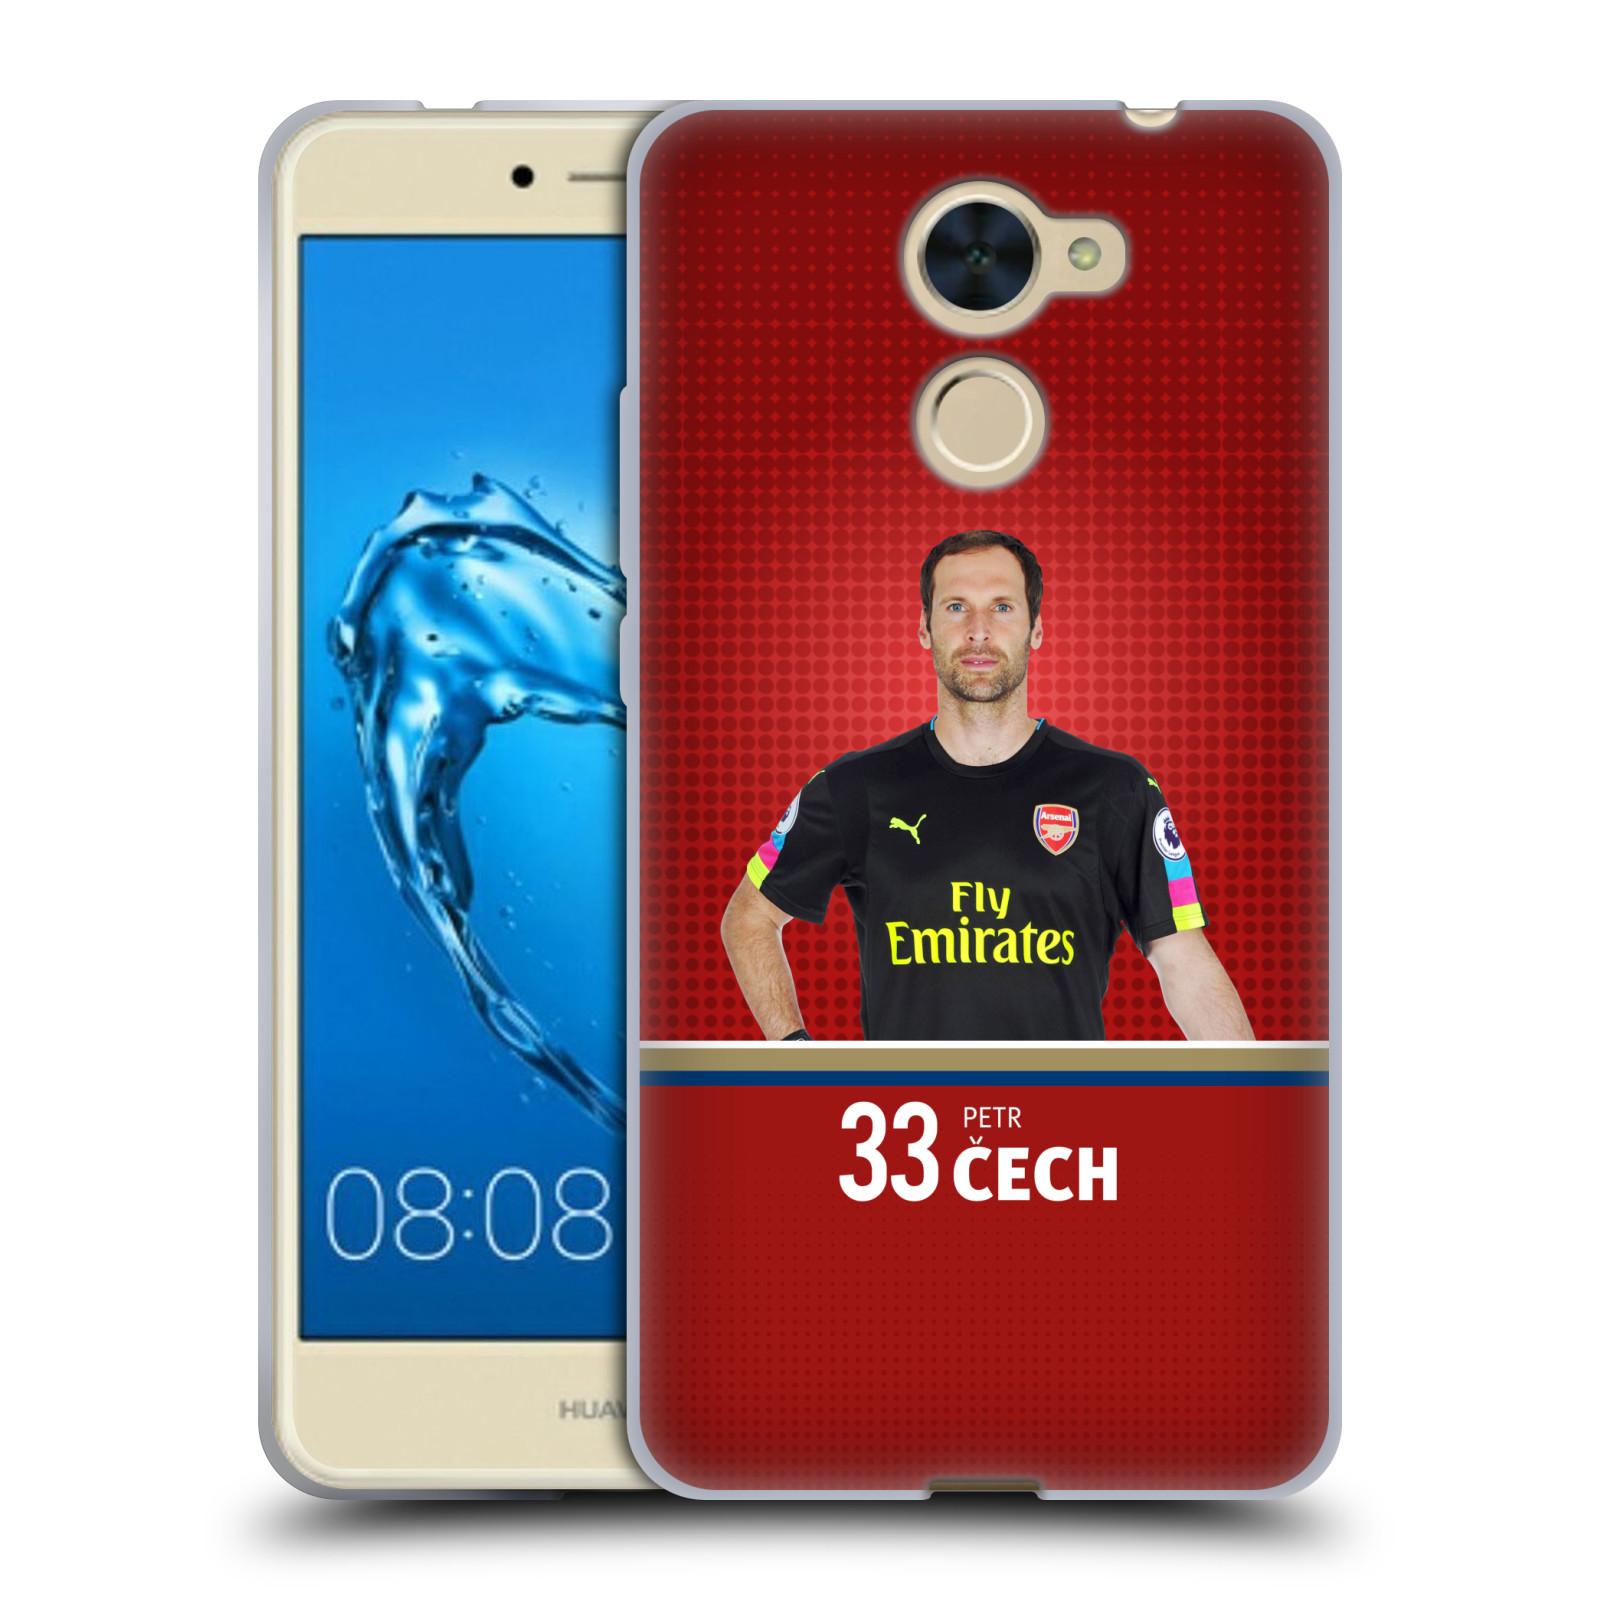 Silikonové pouzdro na mobil Huawei Y7 - Head Case - Arsenal FC - Petr Čech